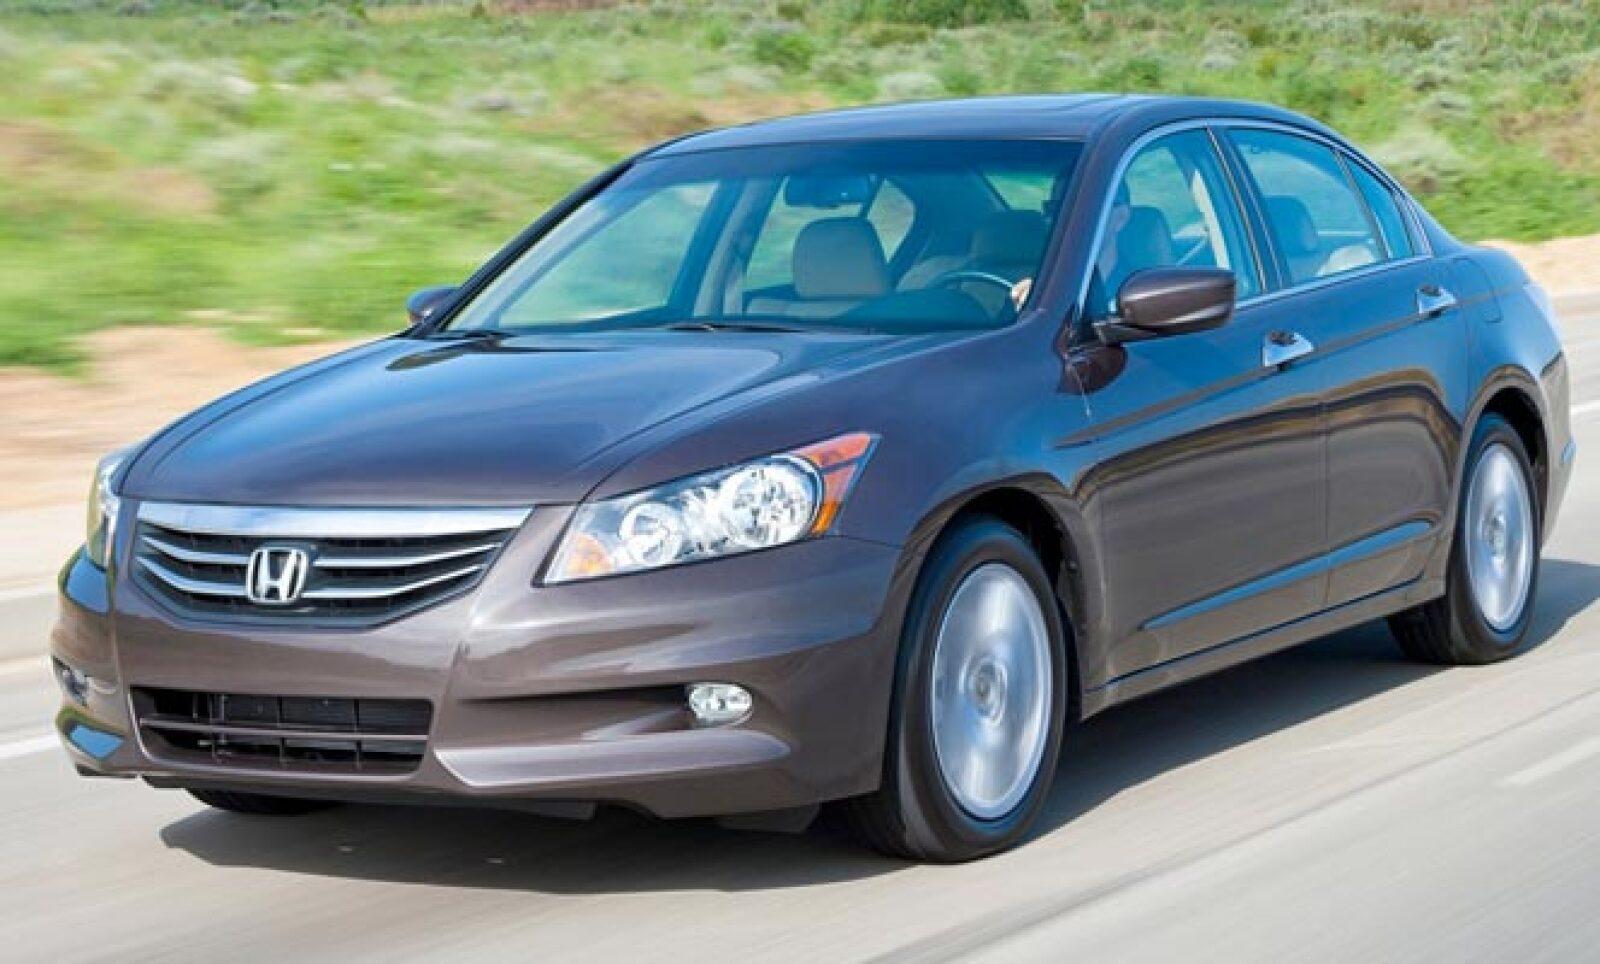 El modelo de Honda se lleva el primer puesto en esta categoría, con 1,905 unidades comercializadas en el primer semestre de 2011, según cifras de la Asociación Mexicana de la Industria Automotriz (AMIA).